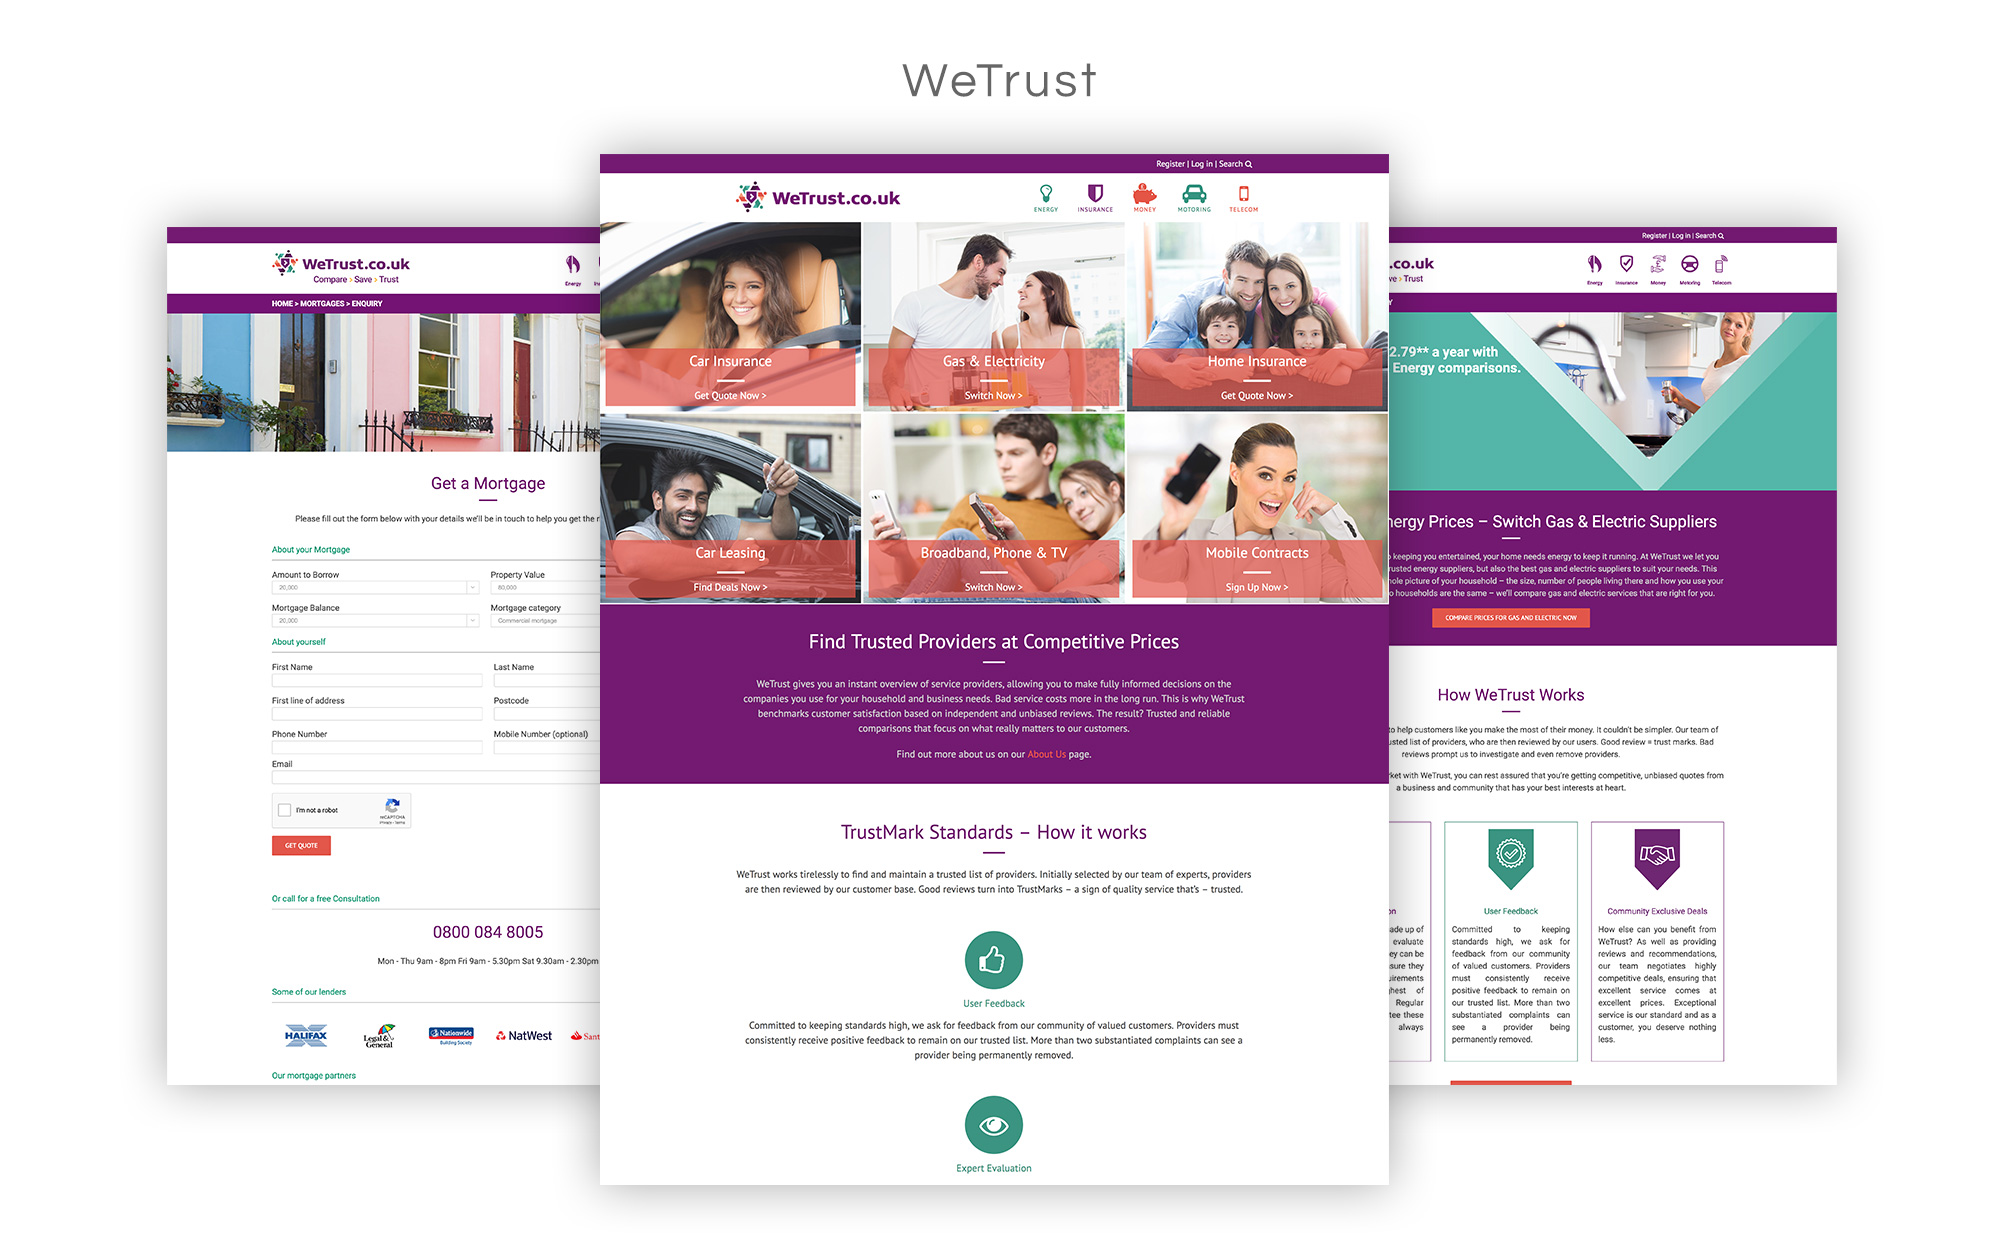 wetrust.co.uk Website